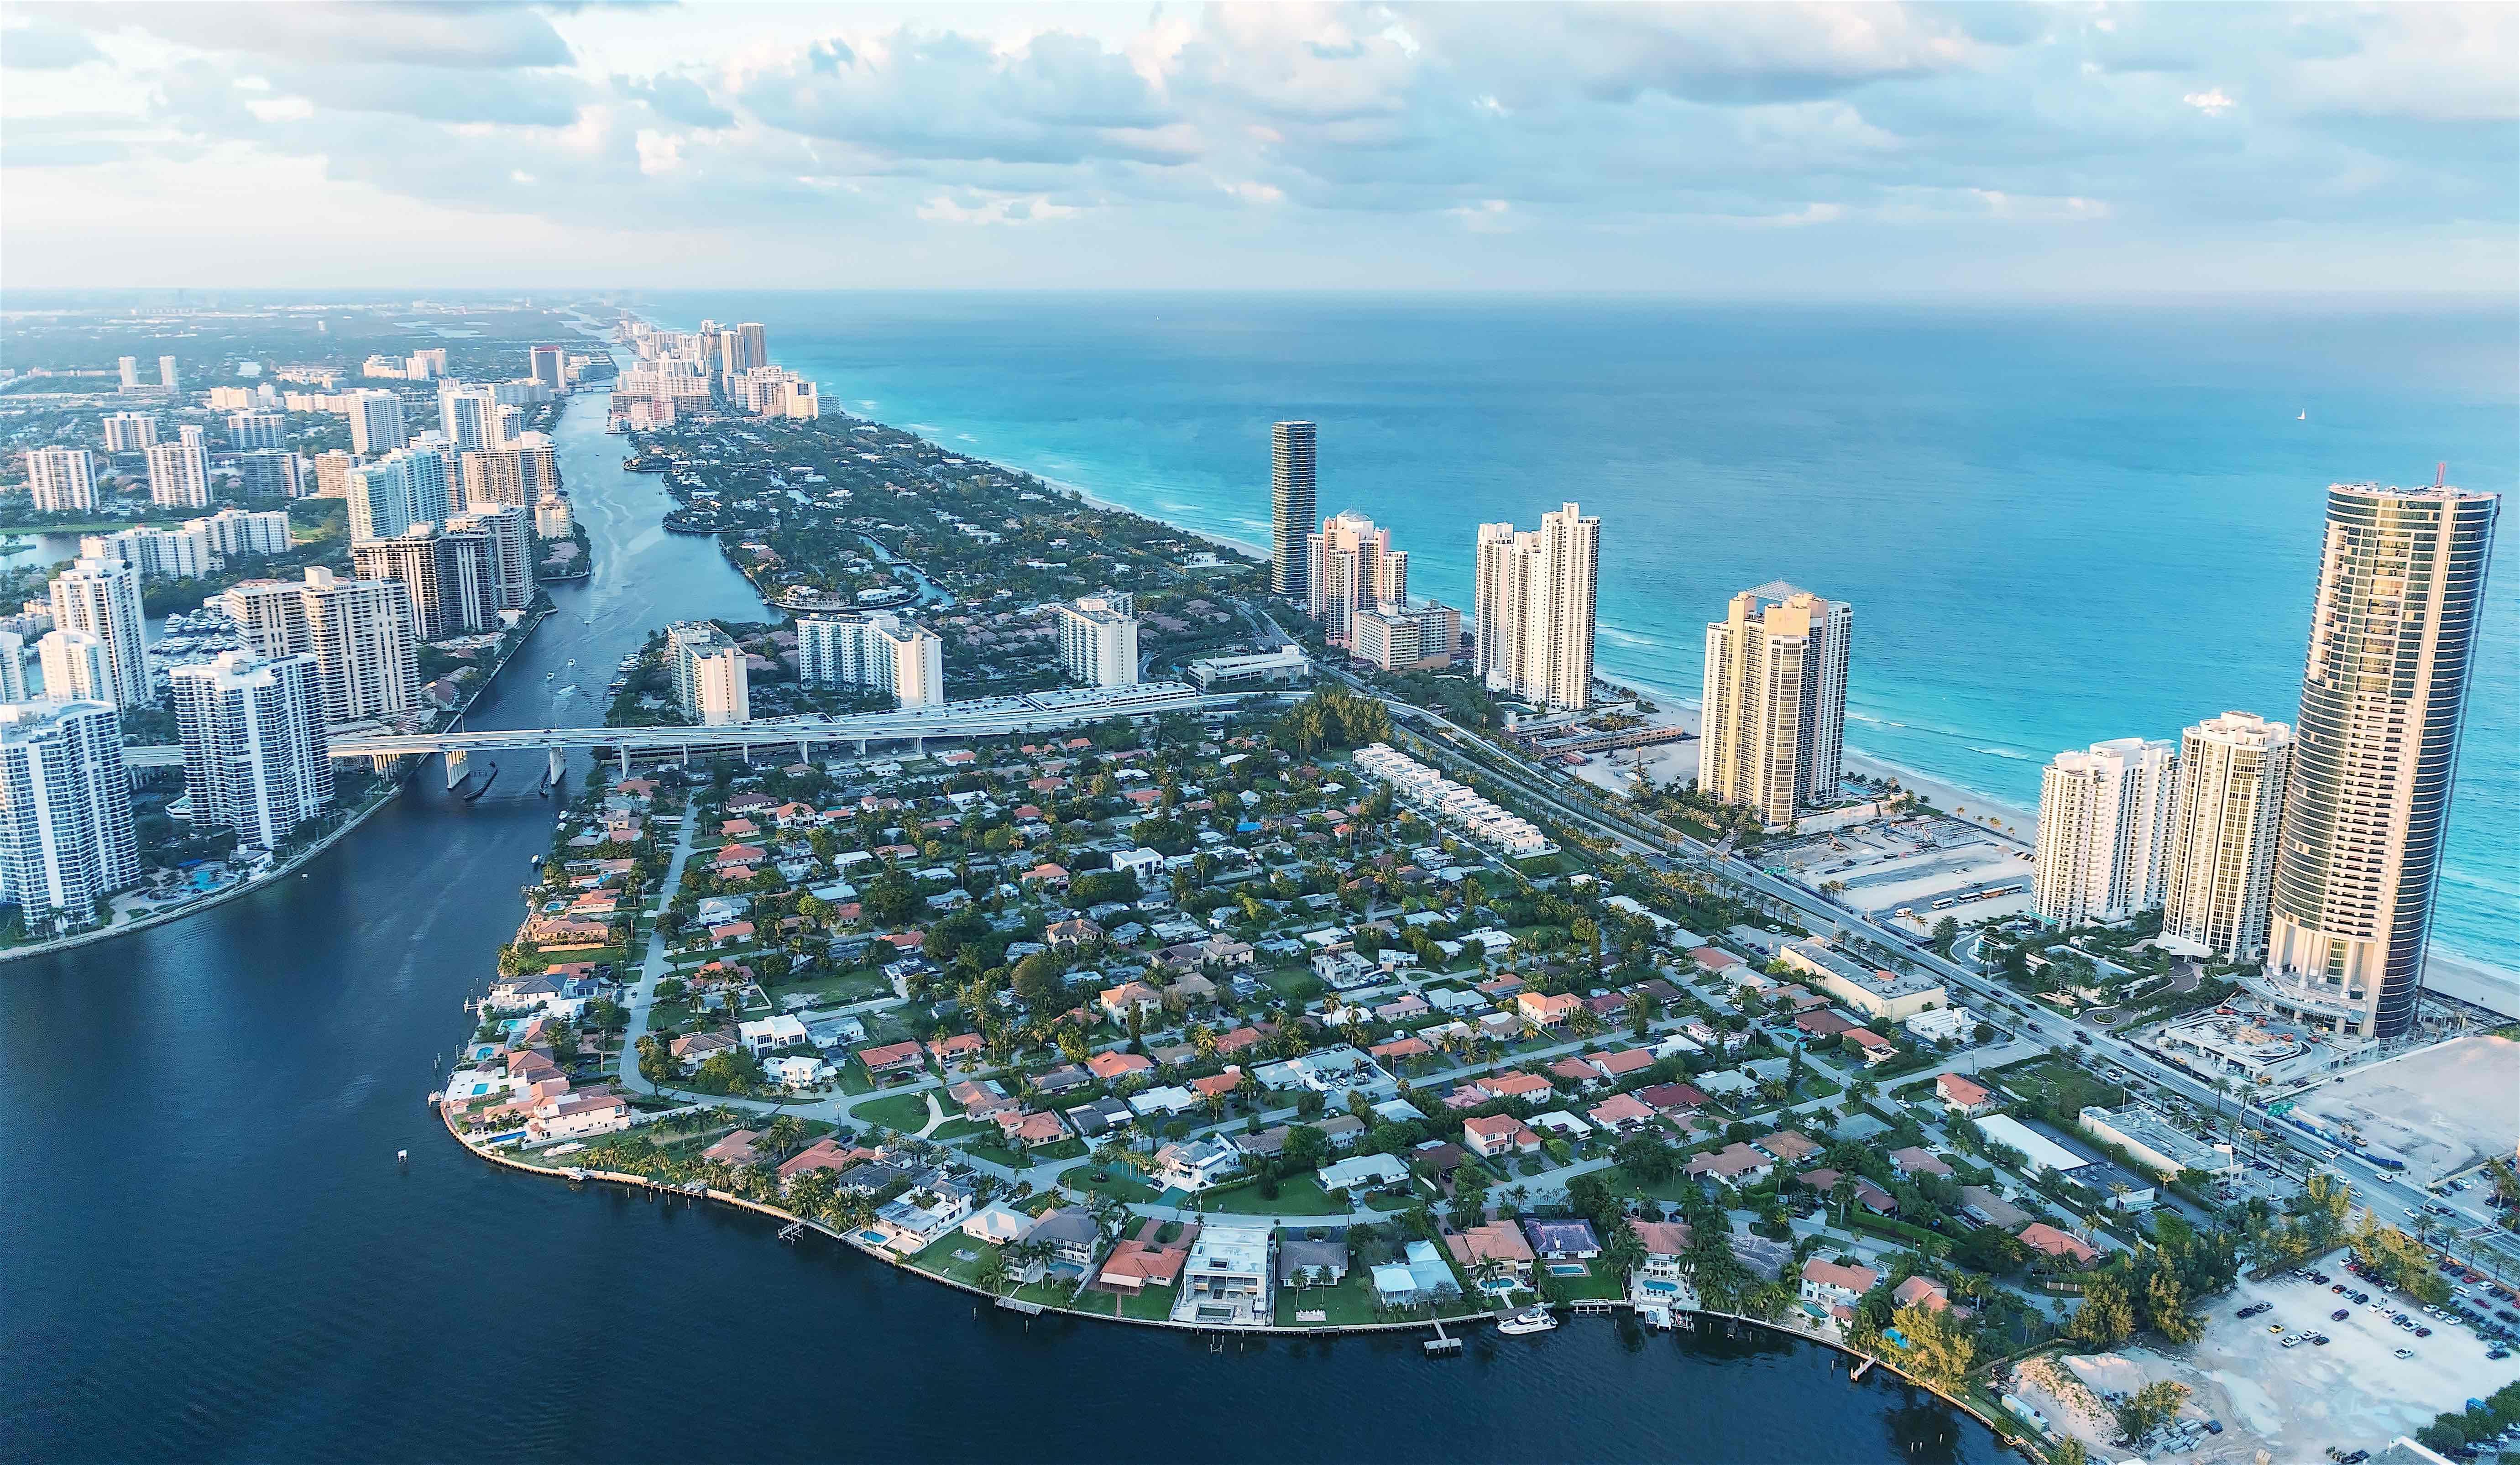 Club Miami Beach